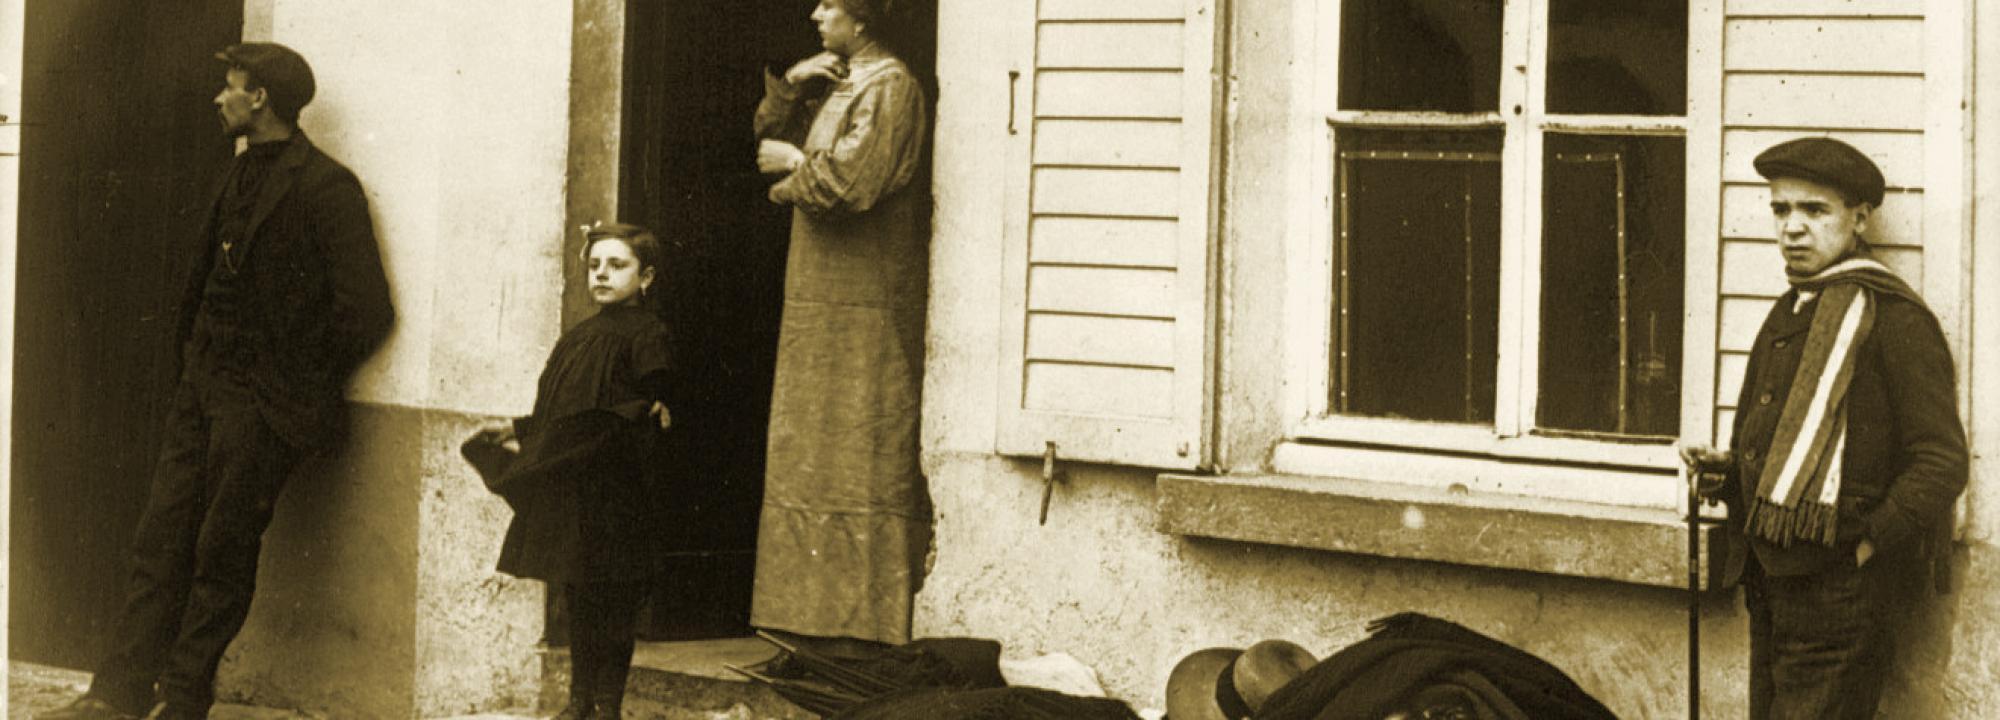 Réfugiés près d'Alost, ce qu'ils ne peuvent emporter est sur le trottoir, 1914 - BNF